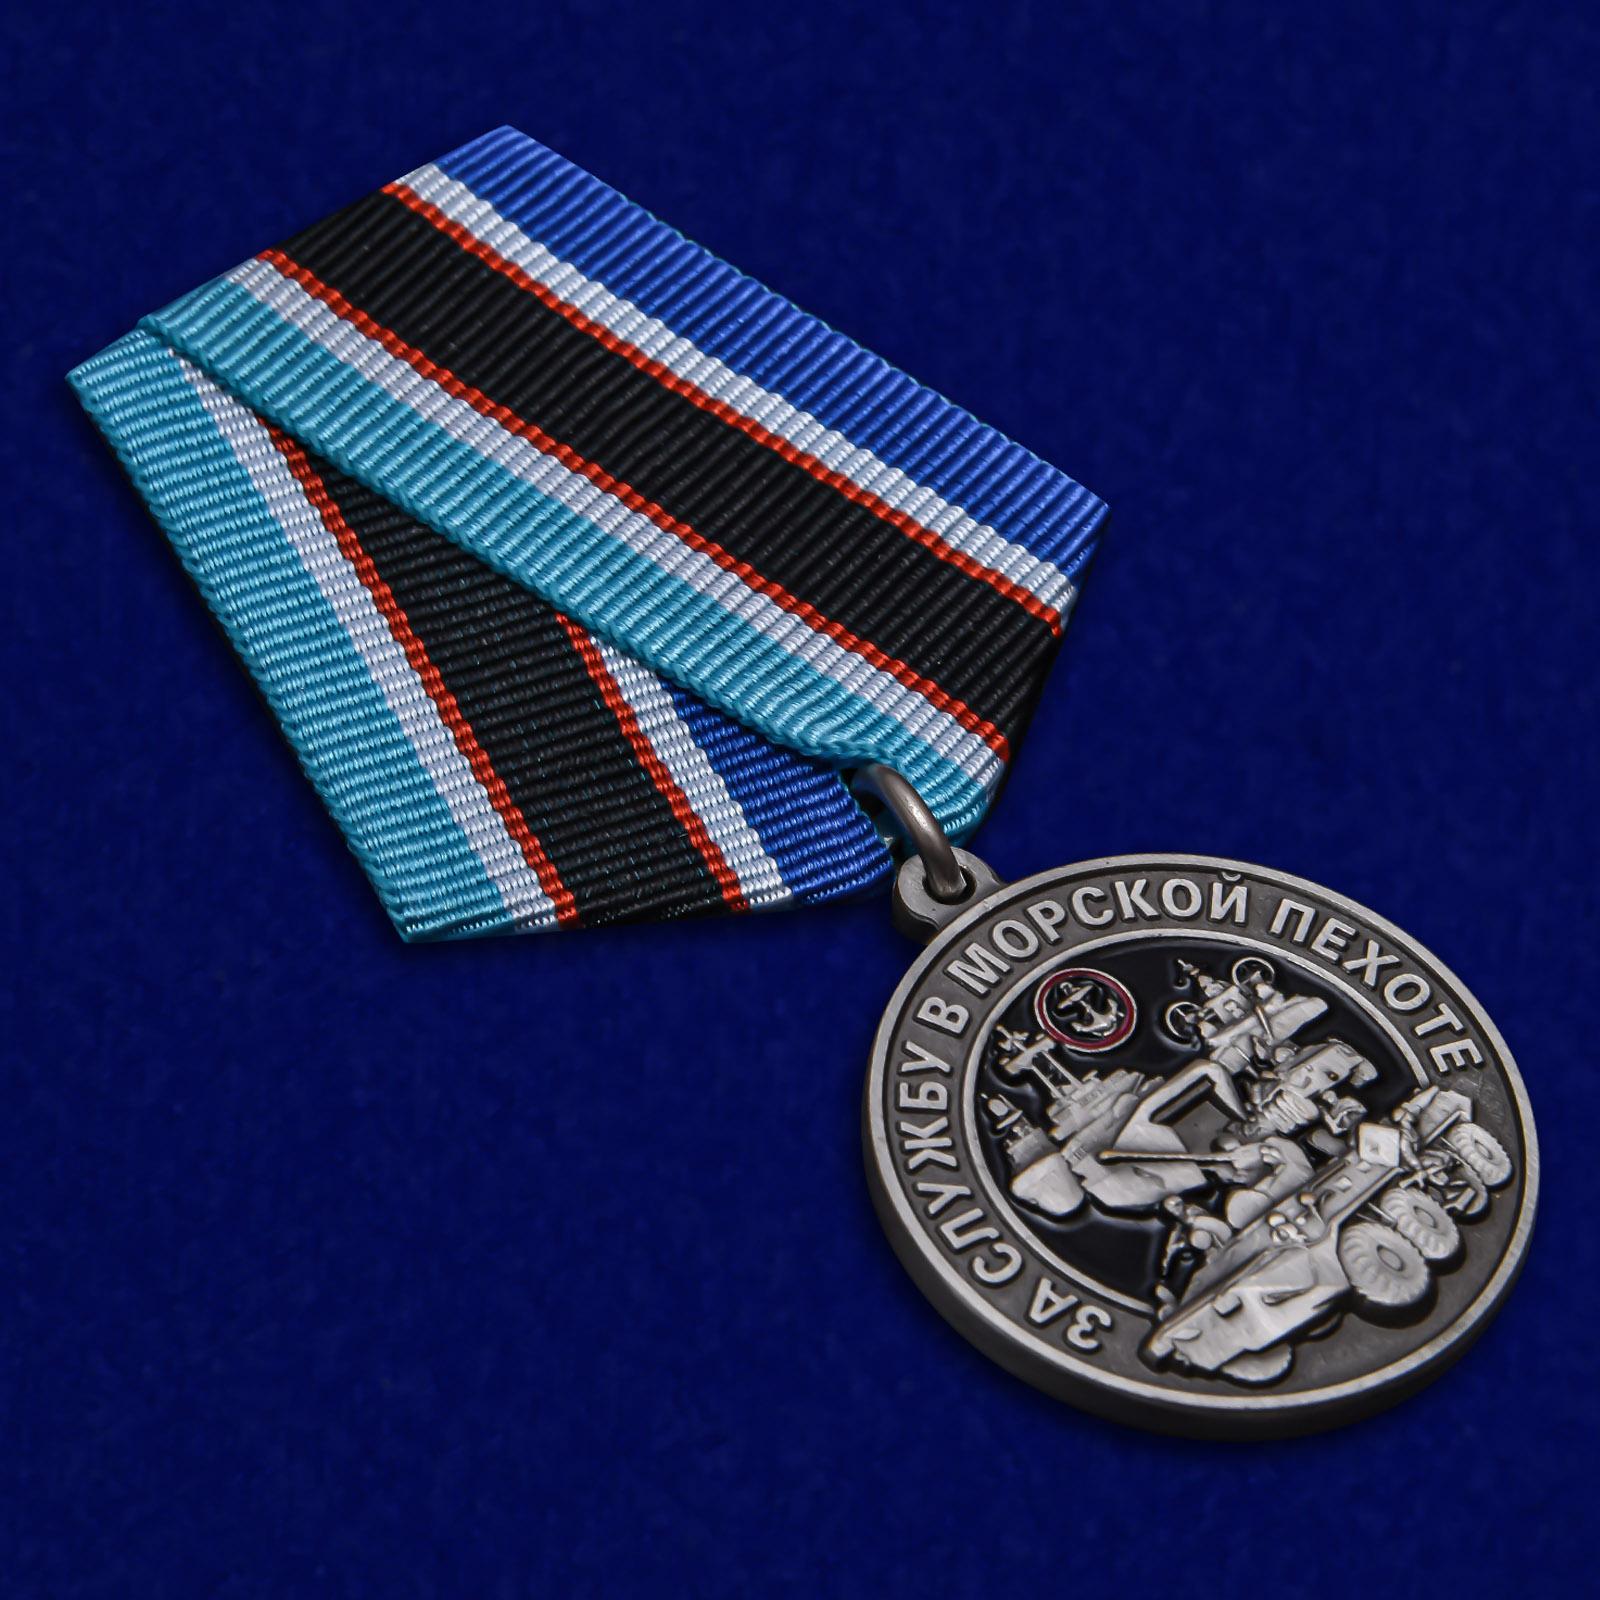 Наградная медаль МО За службу в Морской пехоте - общий вид